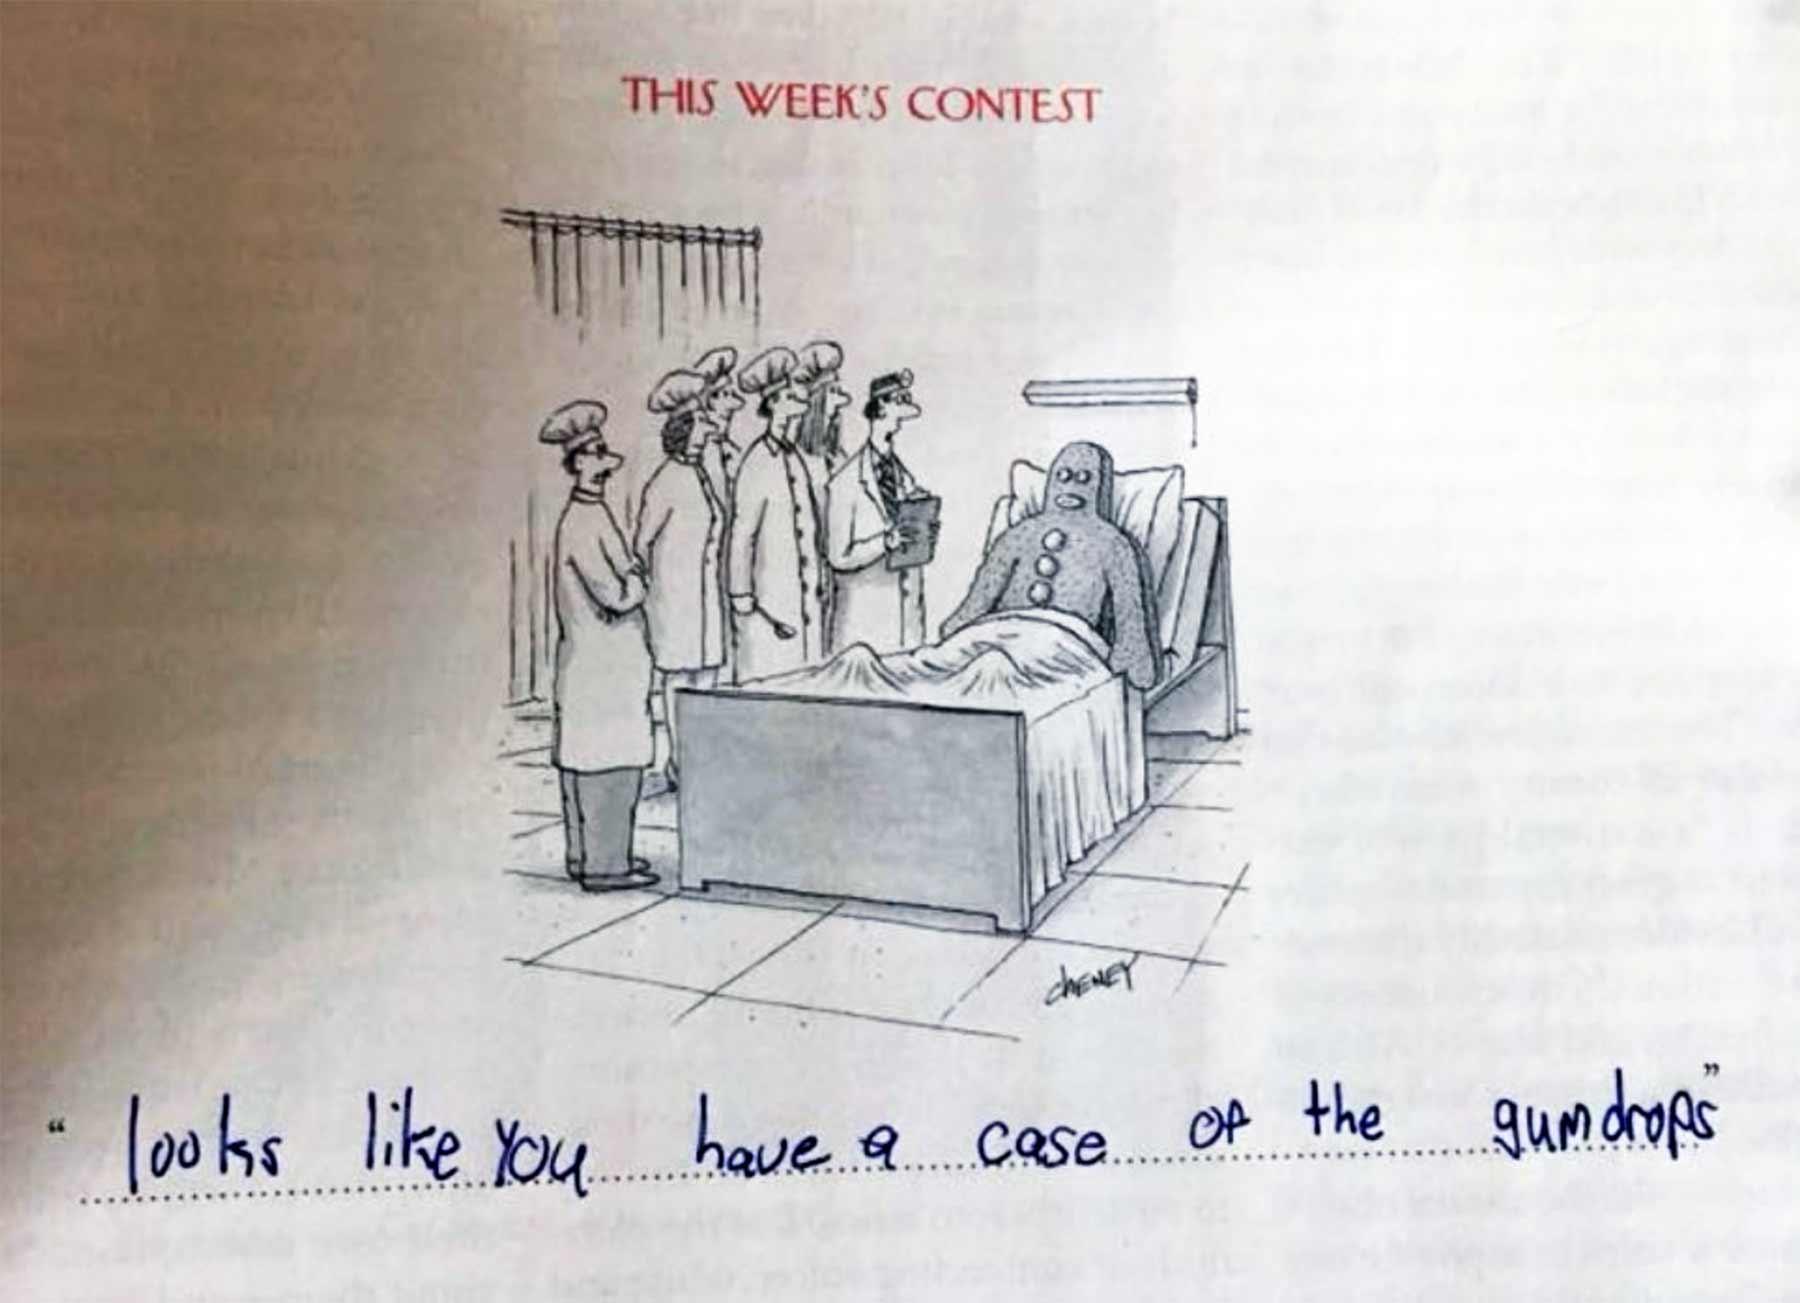 Die urkomischen Bildunterschriften einer 9-Jährigen bess-kalb-alice-kind-bildunterschriften_05